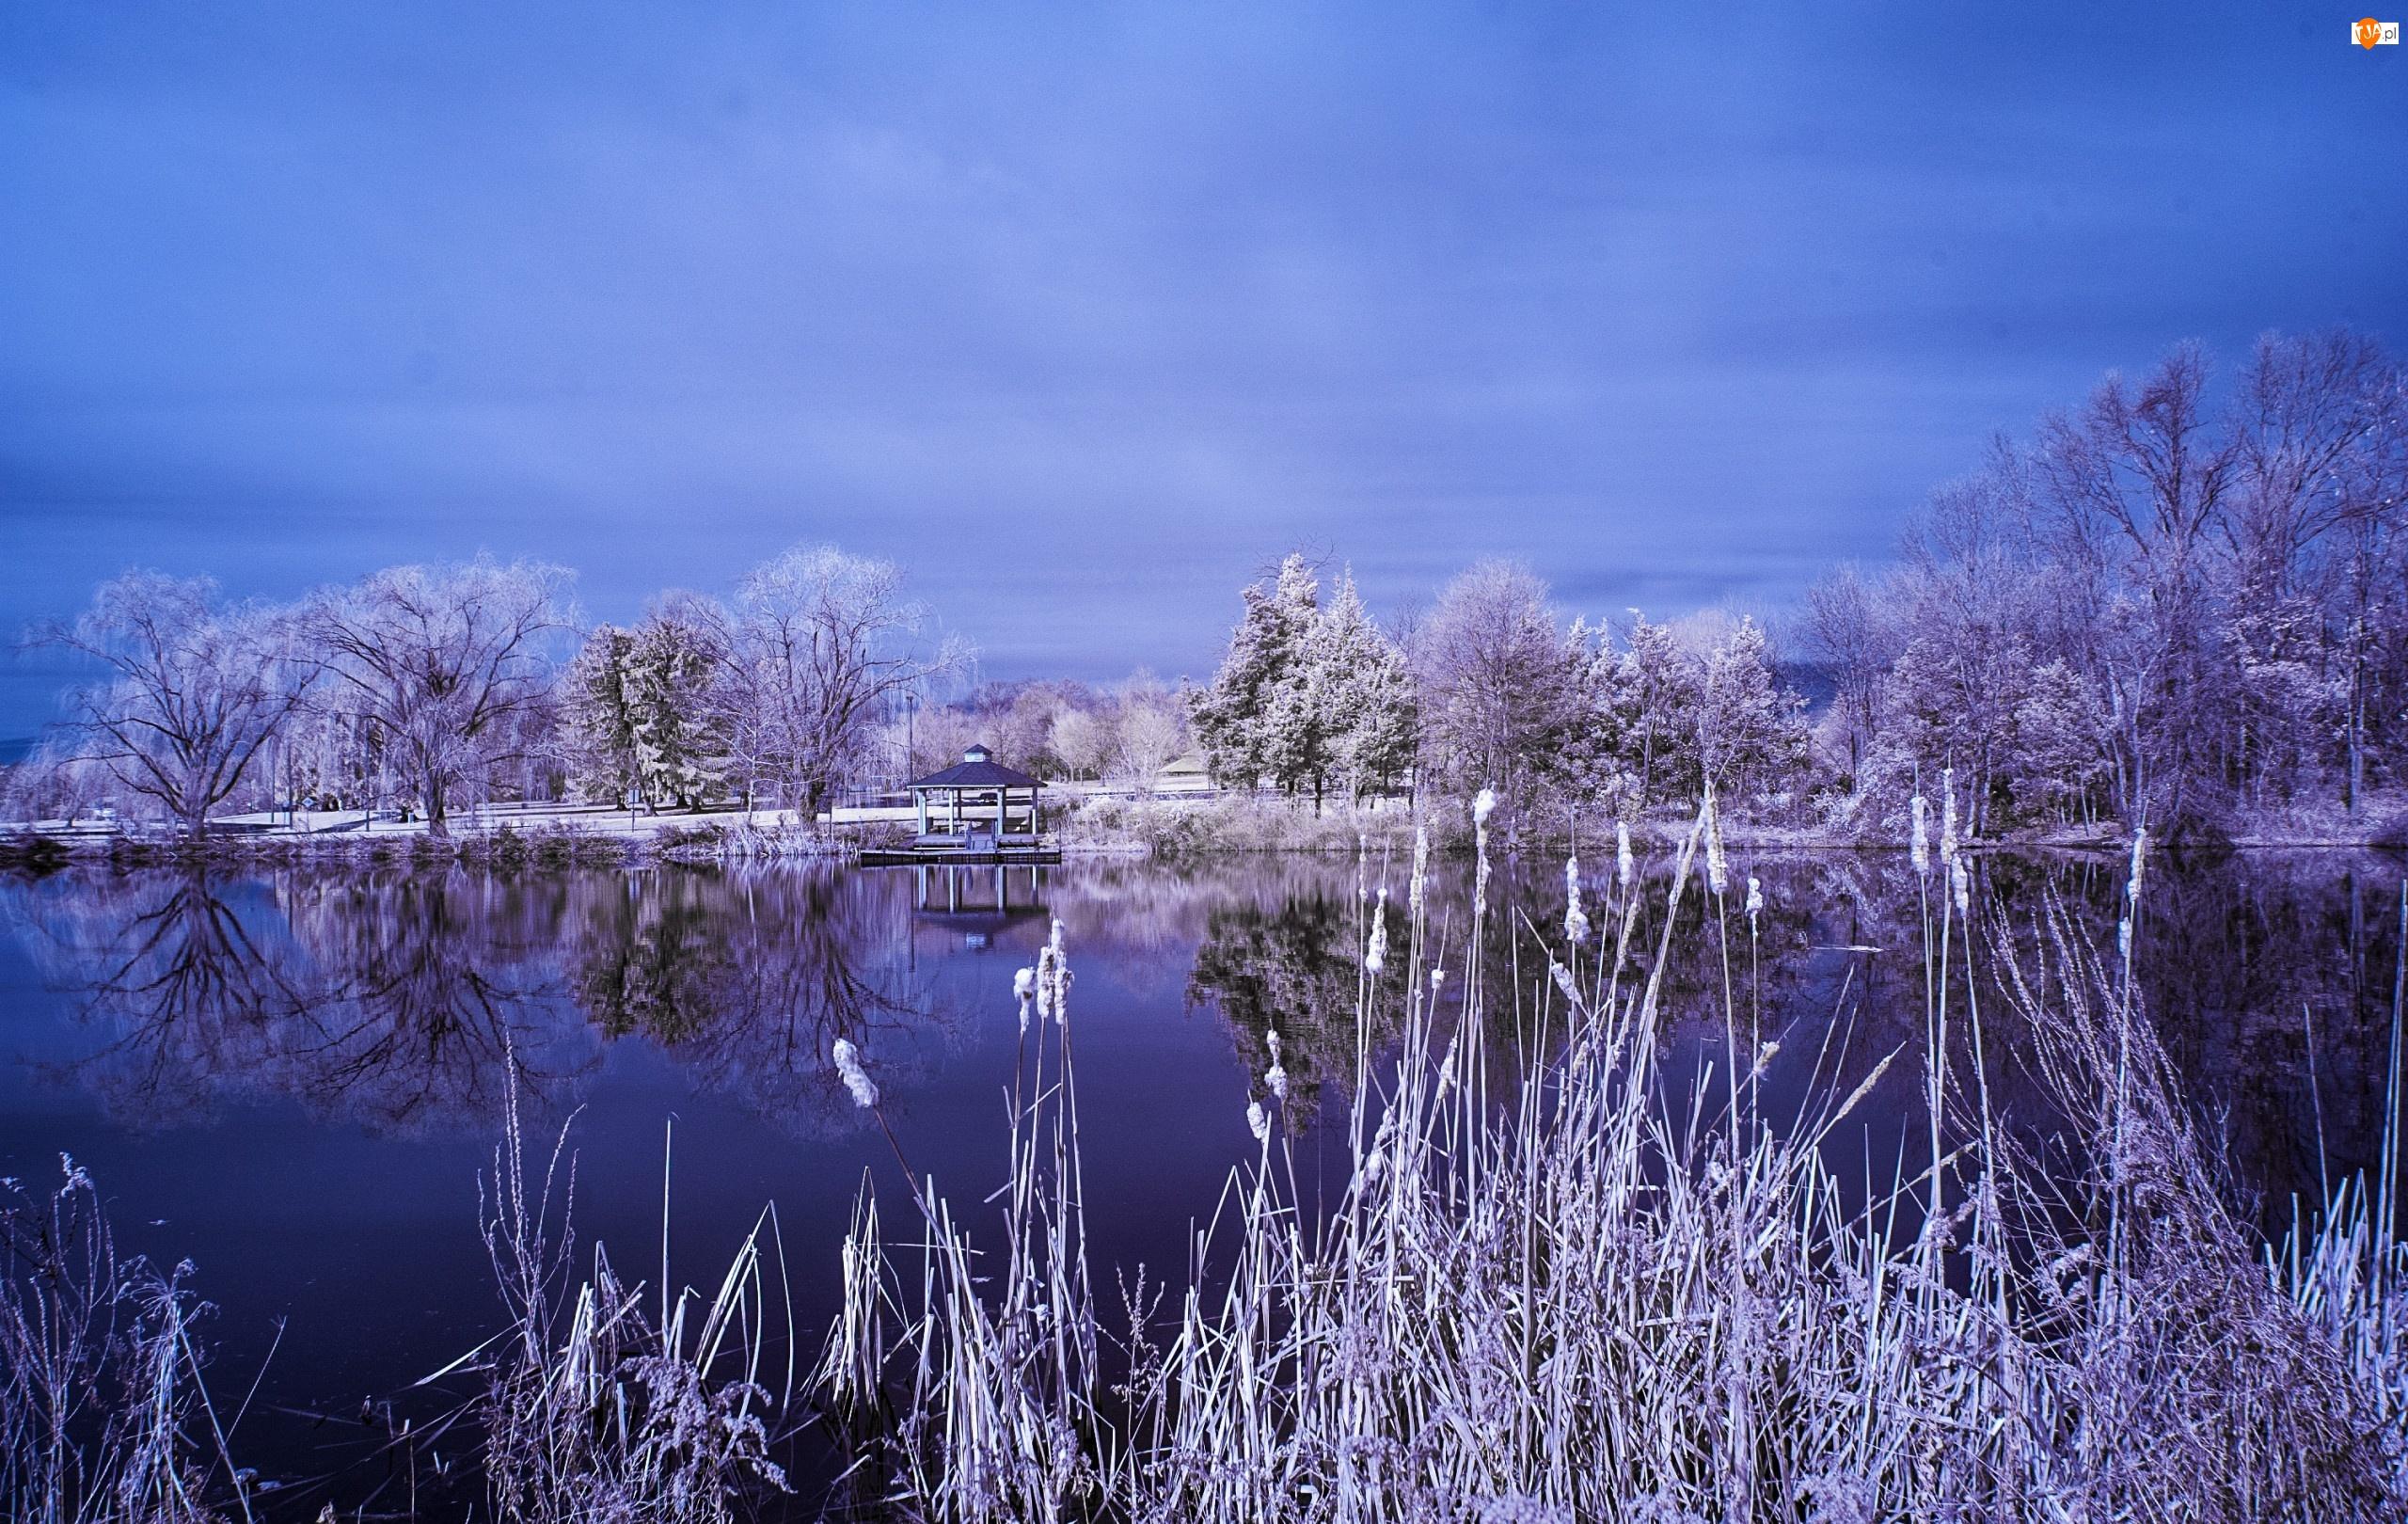 Jezioro, Śnieg, Drzewa, Tatarak